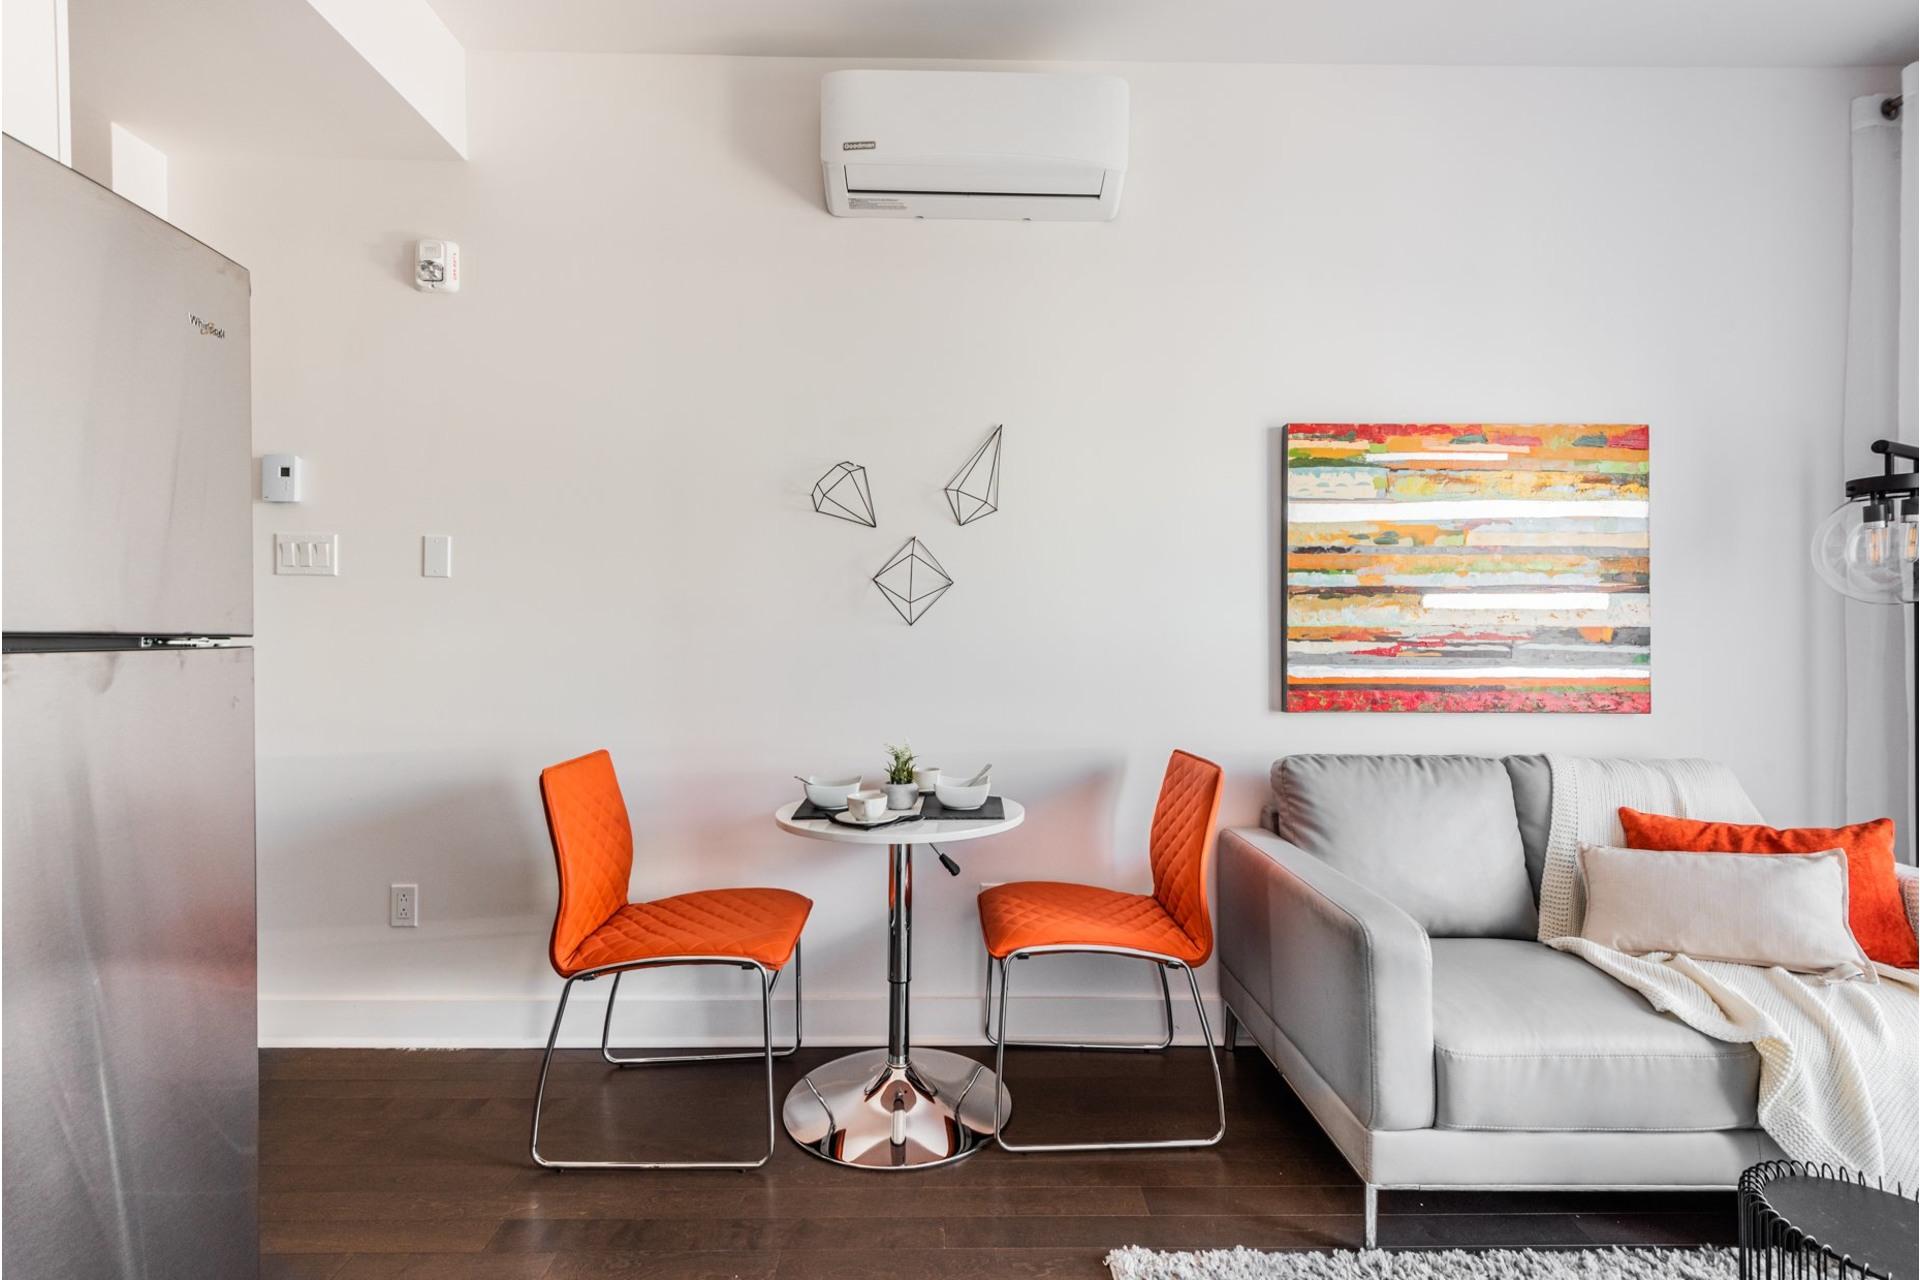 image 4 - Appartement À vendre Villeray/Saint-Michel/Parc-Extension Montréal  - 3 pièces